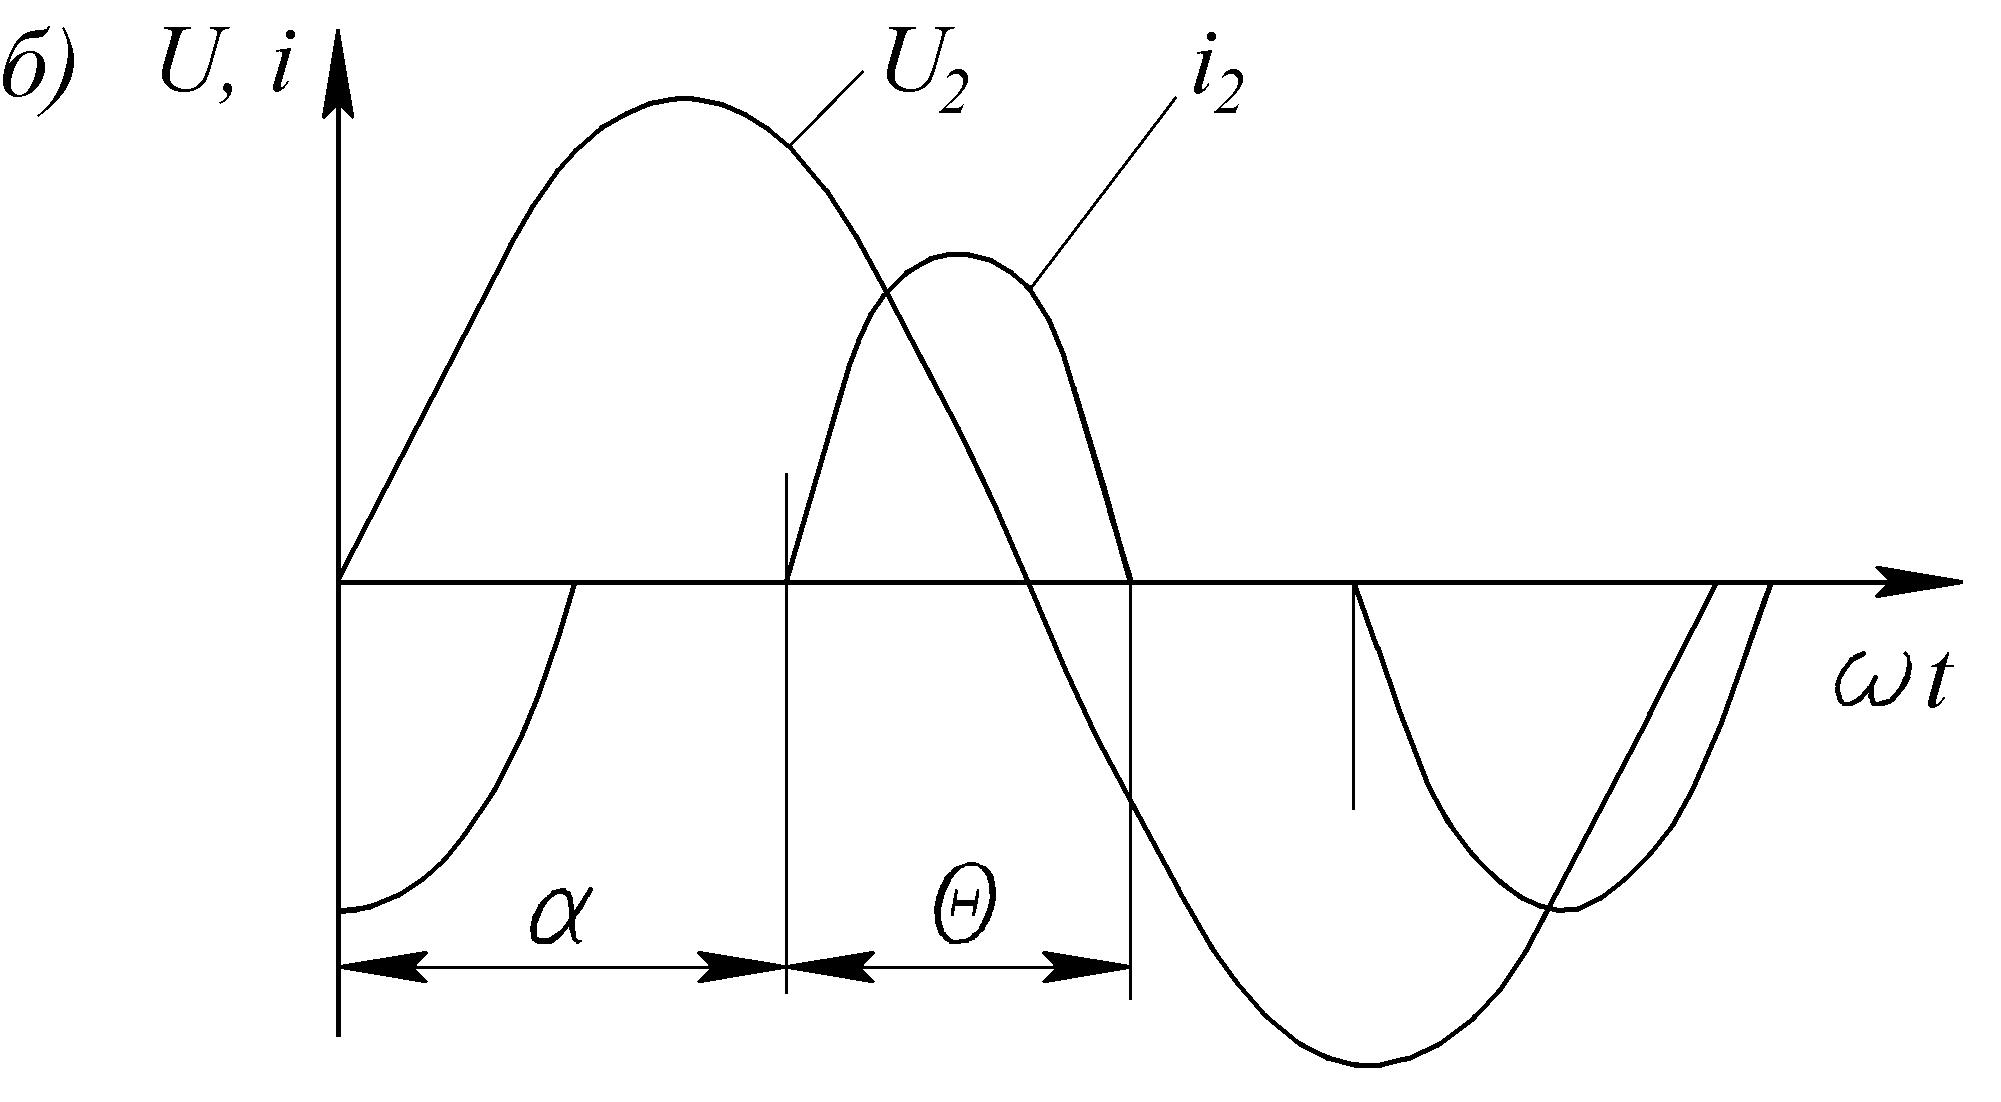 кольцевая схема диодного моста 3 фазного